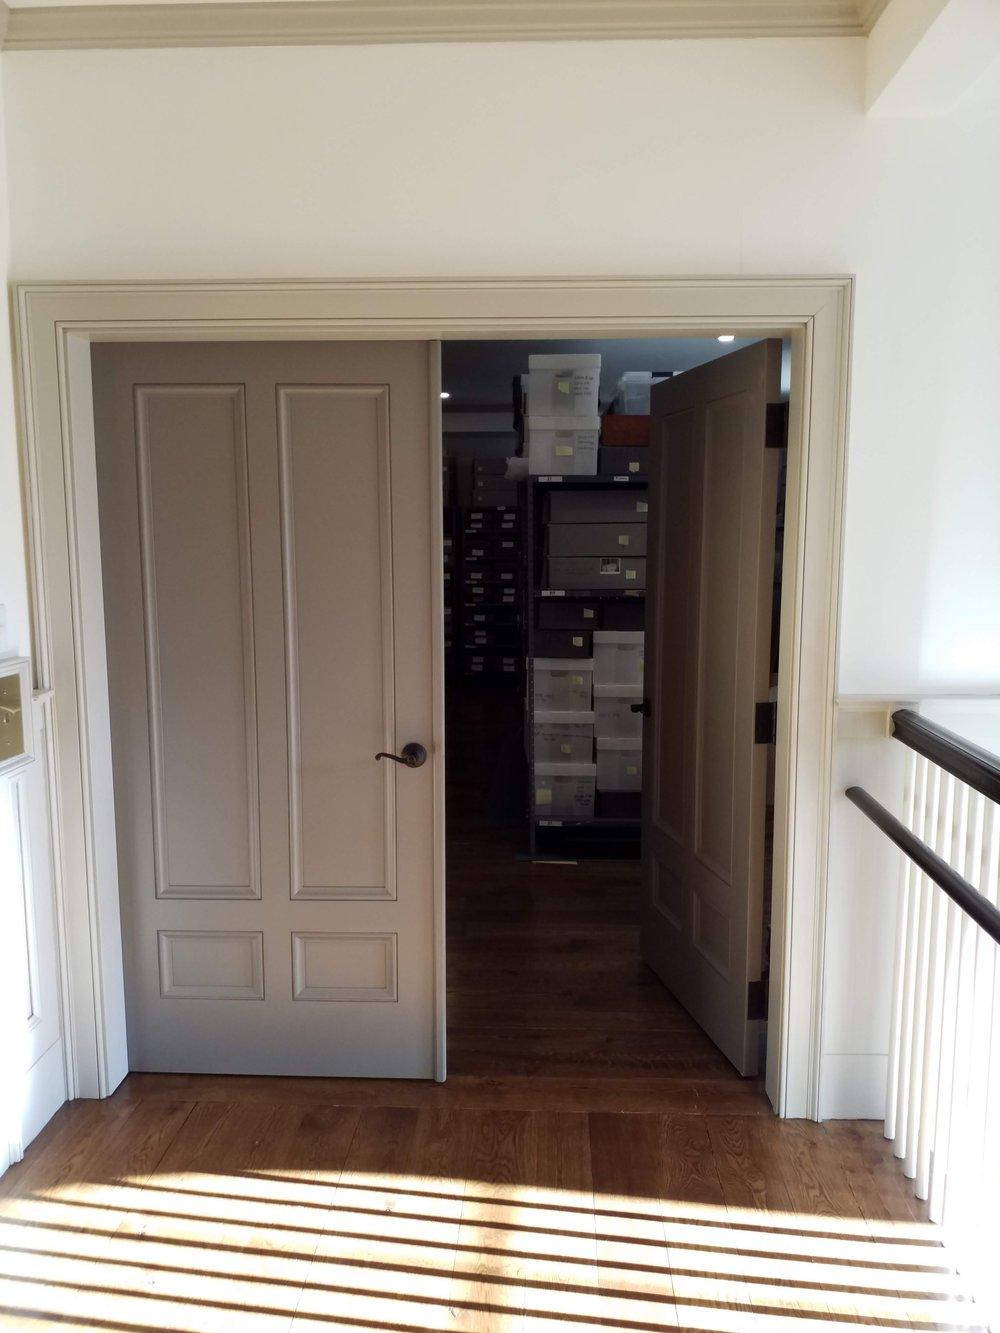 Dark storage closet